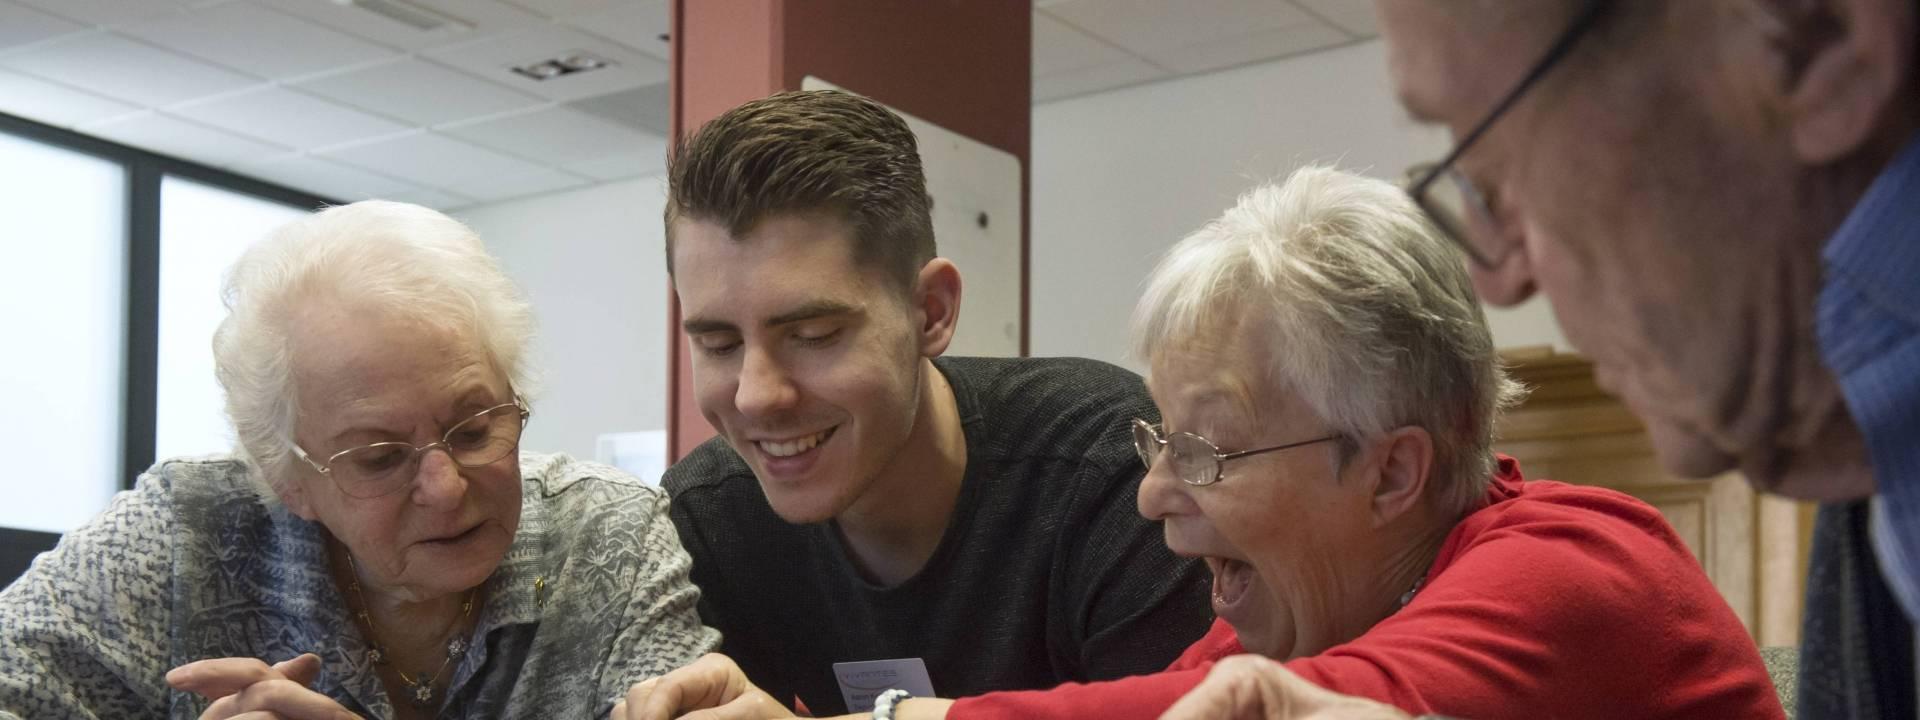 Bunderhof - Aaron met bewoners aan tafel - aandacht